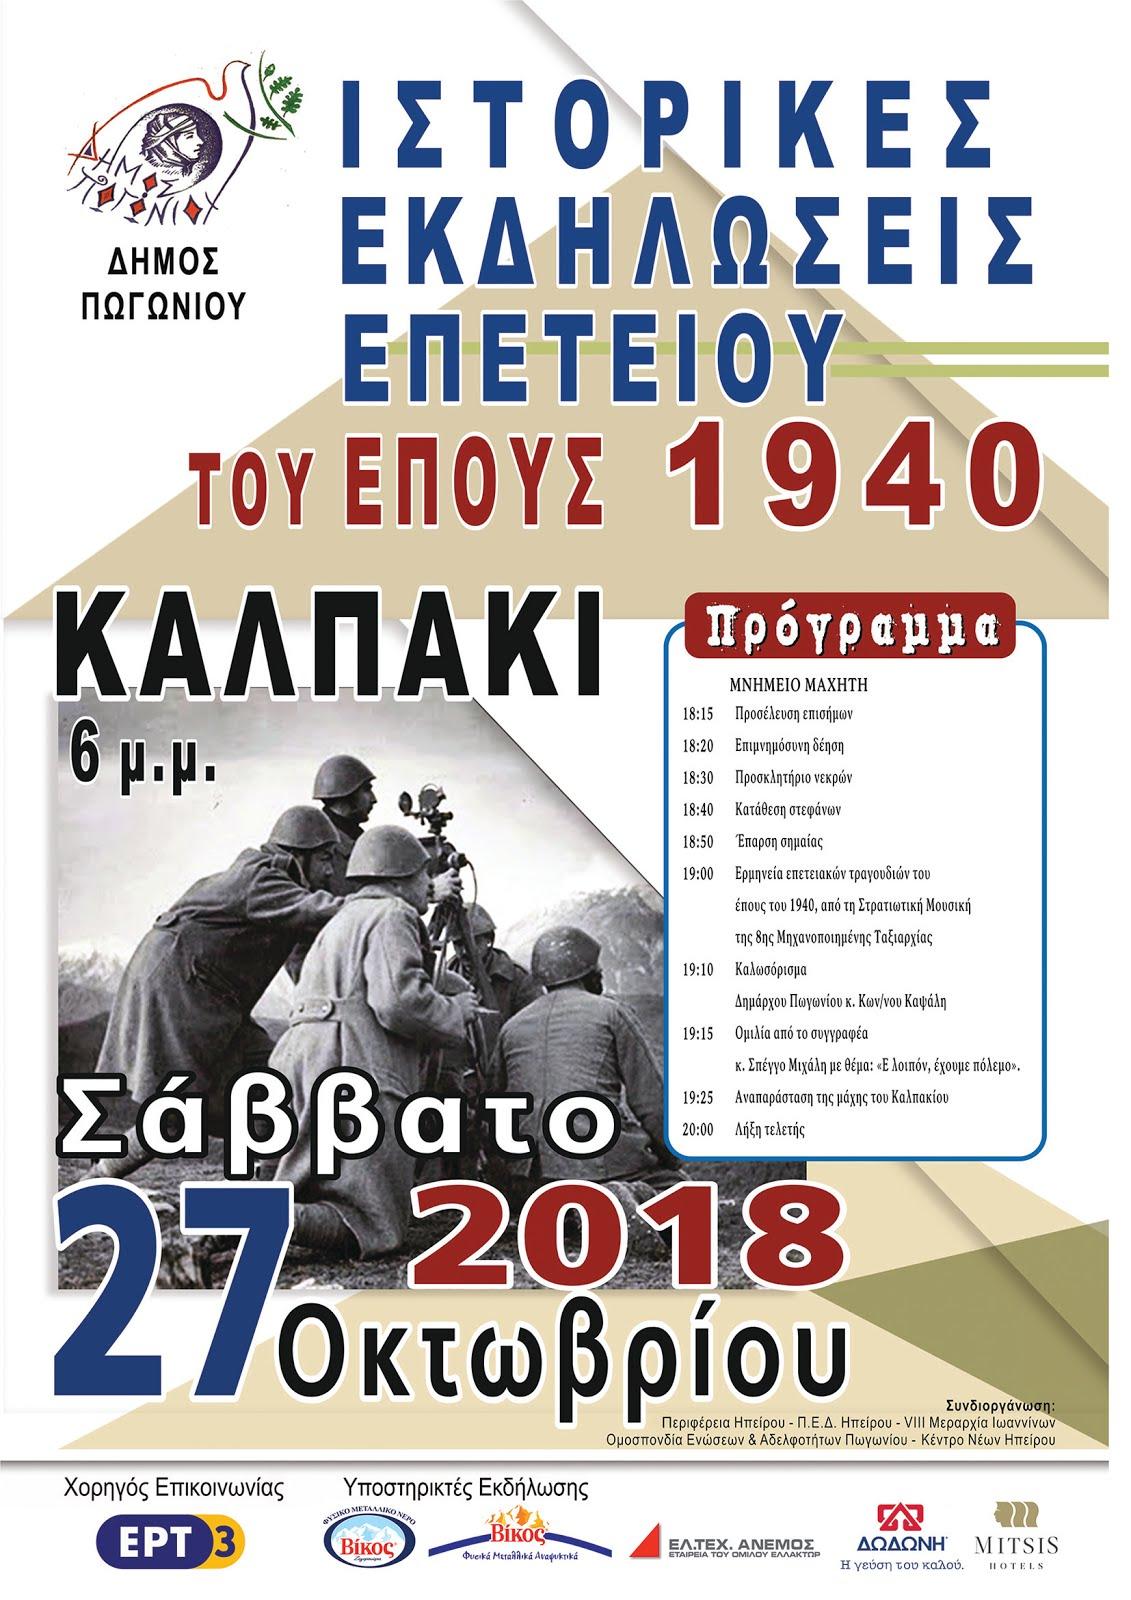 Μνημείο Μαχητή: Εορταστικές εκδηλώσεις για το «Έπος του ΄40», 27/10/18, ώρα 18:00